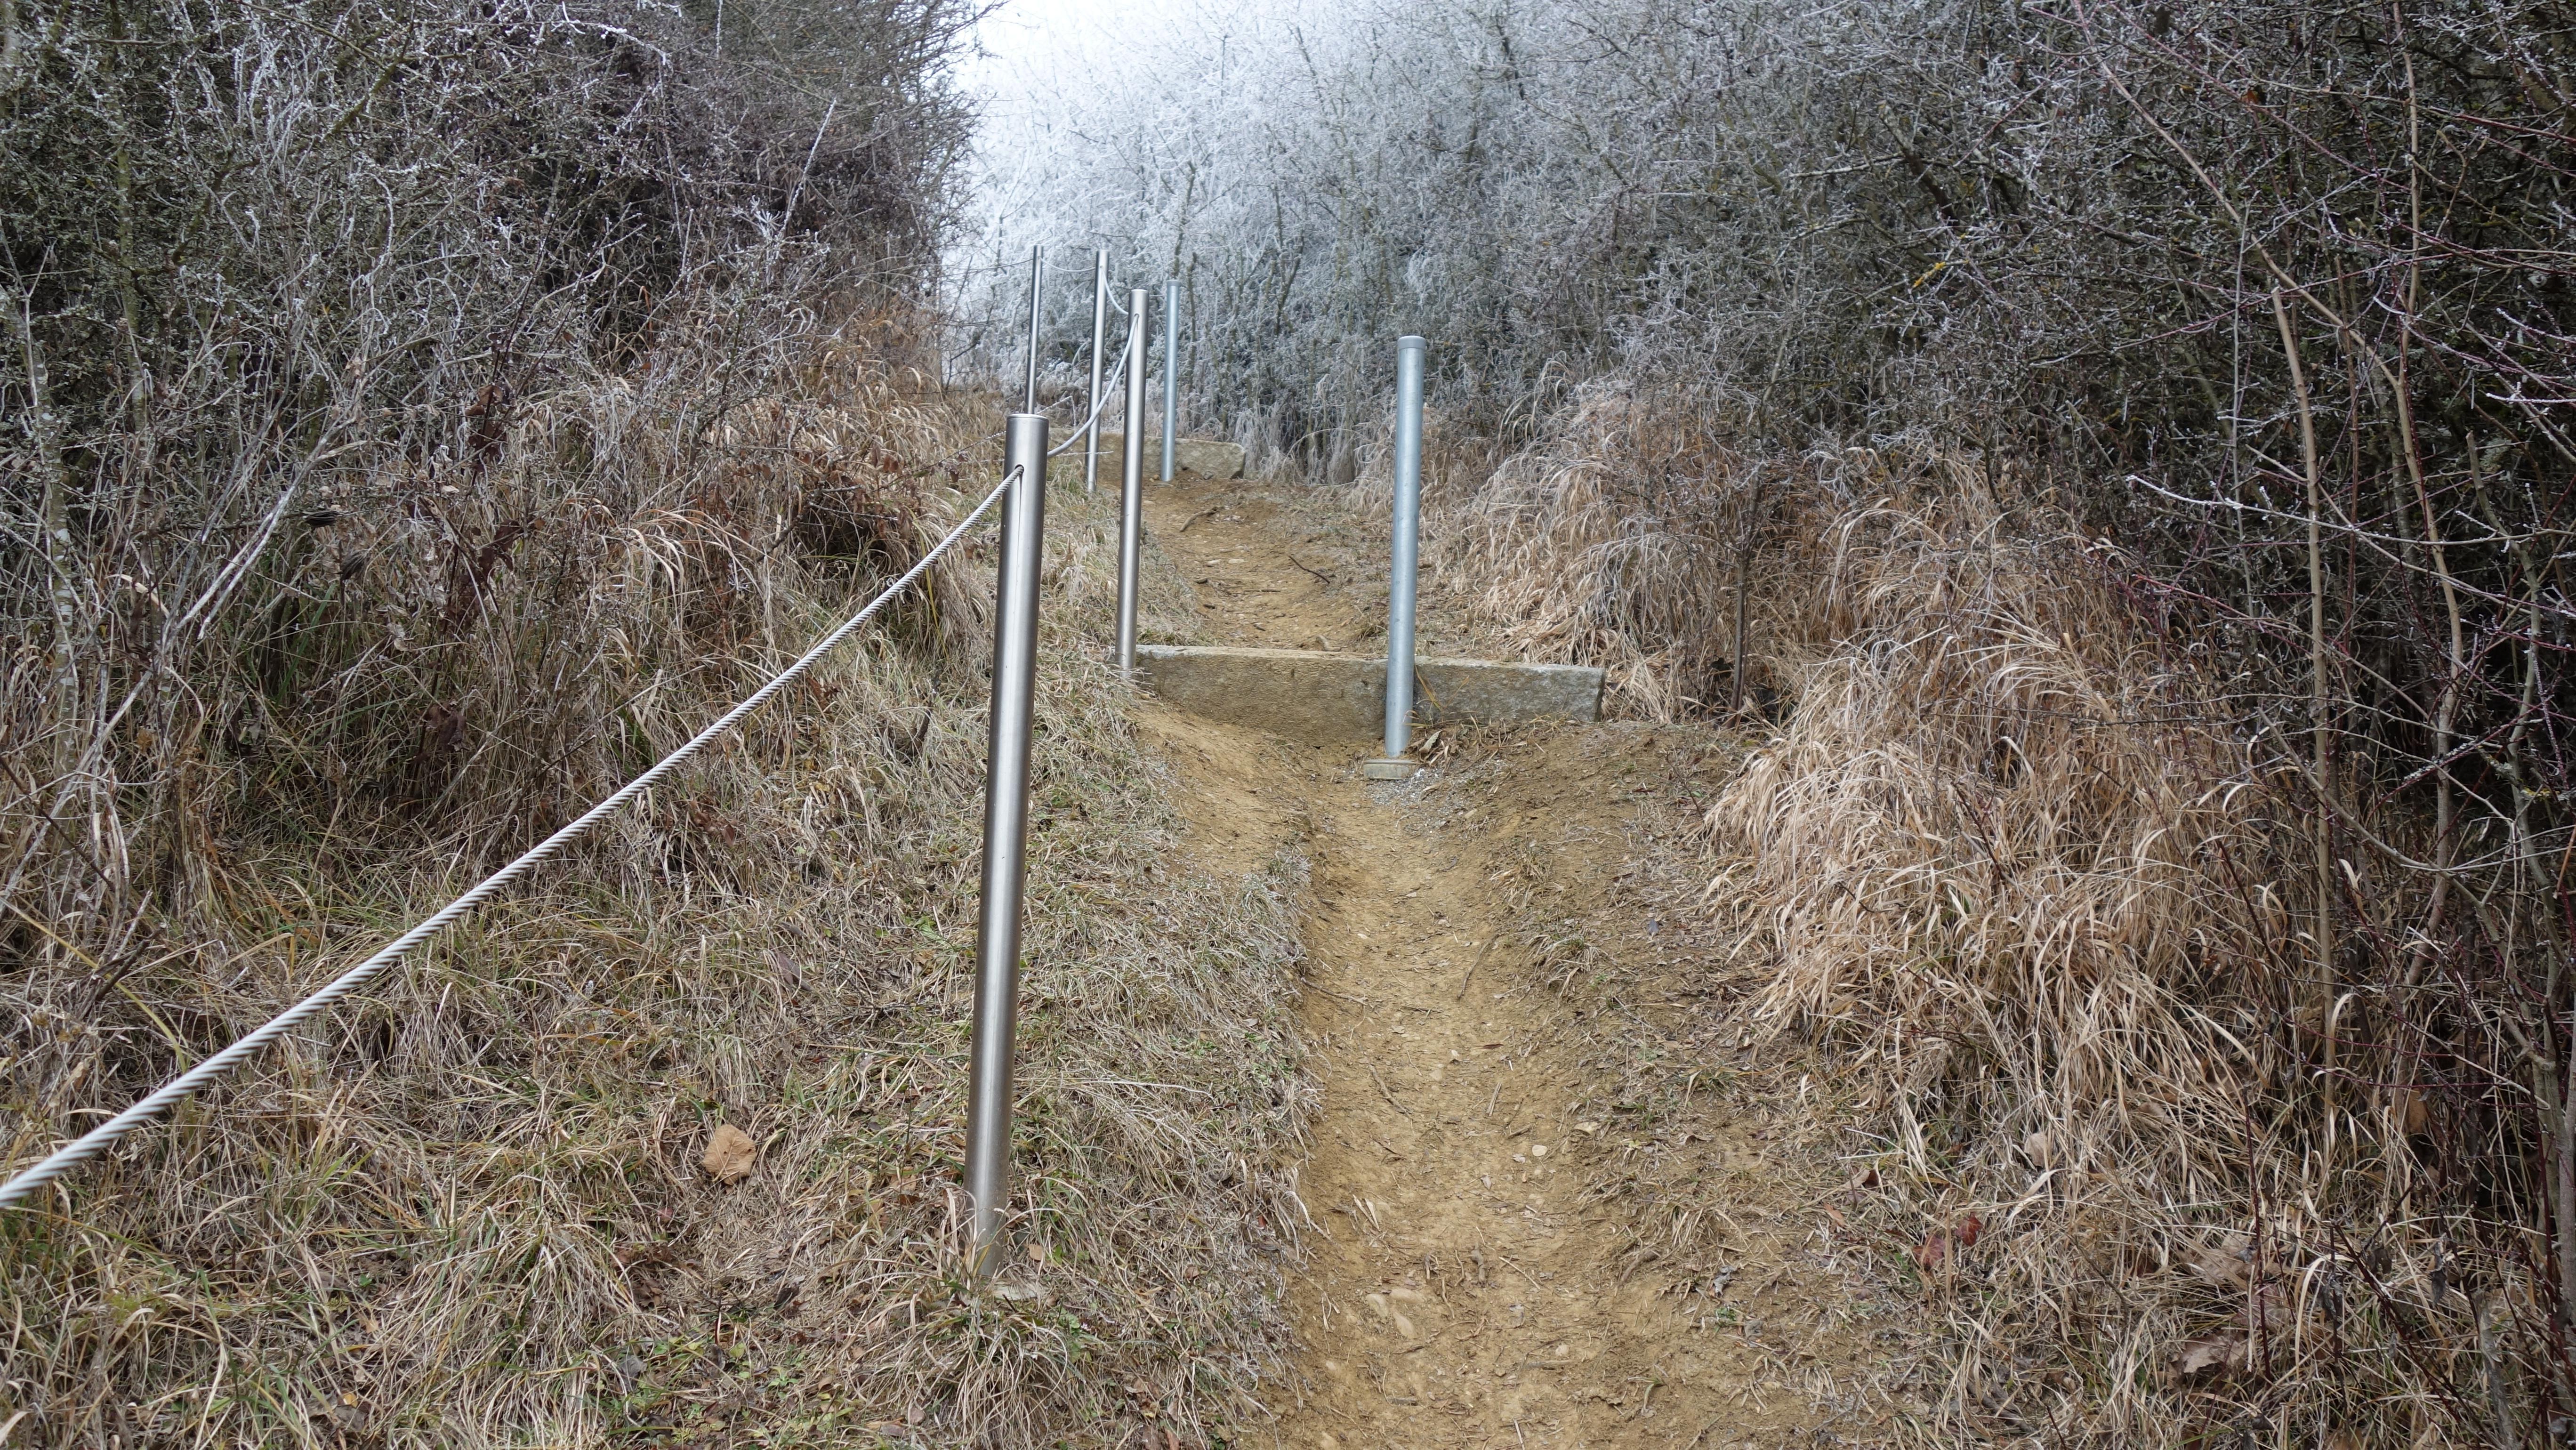 Teile der kritischen Wageabschnitte sind gut gesichert. Ein steileres - nicht gesichertes Stück im Wald - bedarf besonderer Aufmerksamkeit.